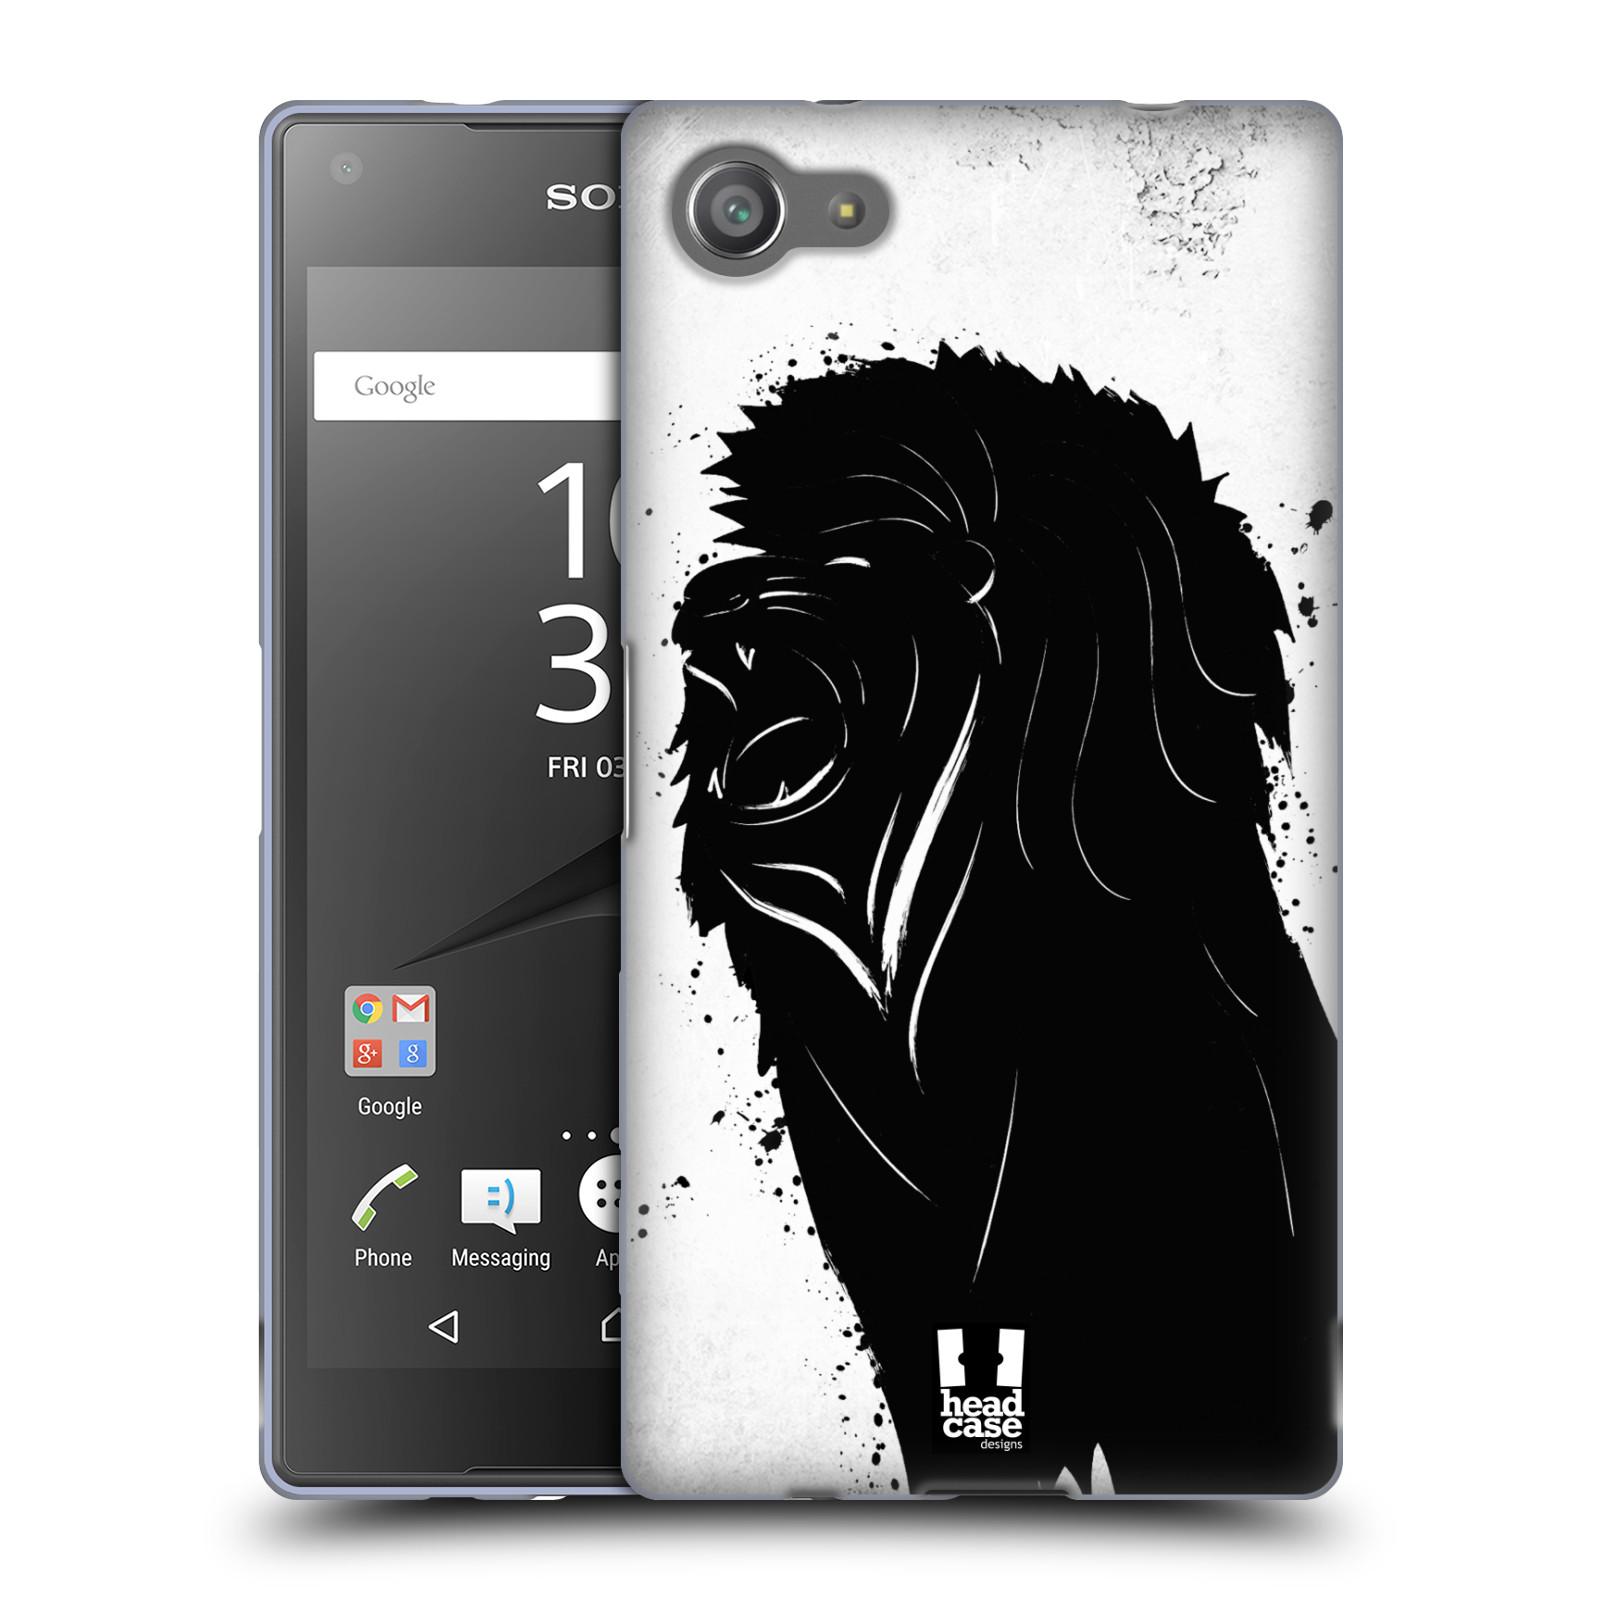 HEAD CASE silikonový obal na mobil Sony Xperia Z5 COMPACT vzor Kresba tuš zvíře lev